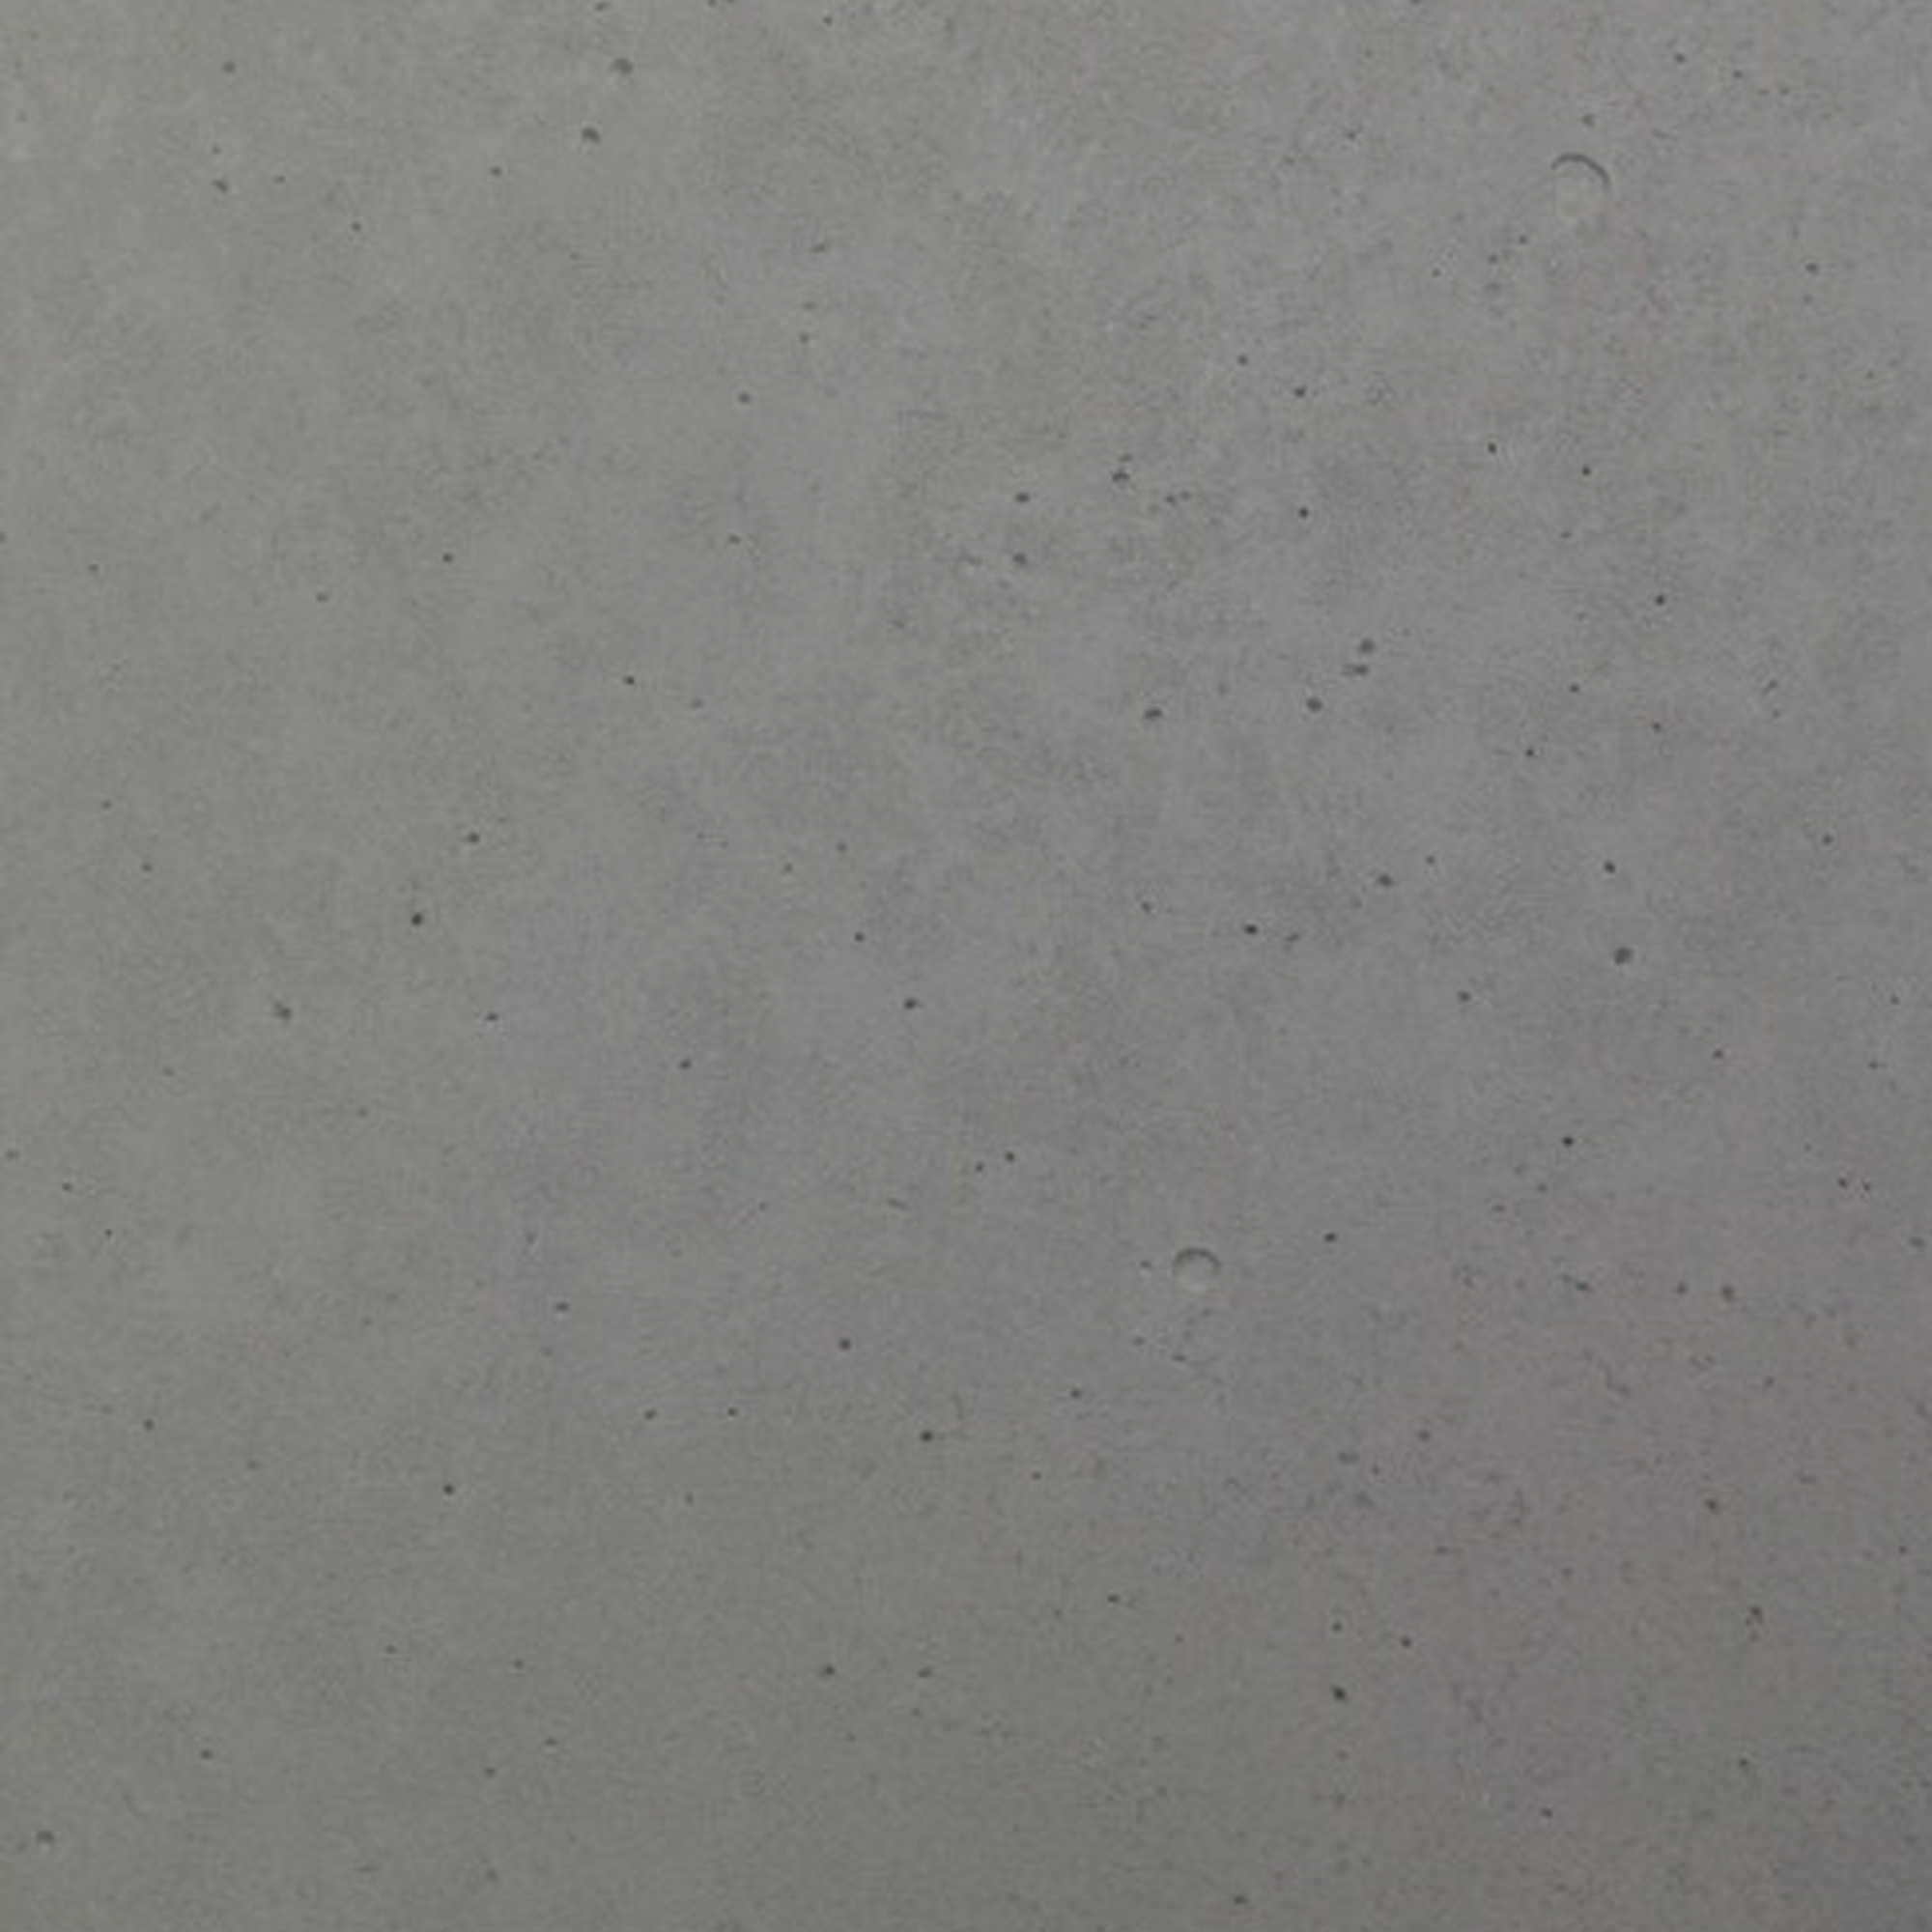 carousel-conclad-finiture-grigio50.jpg